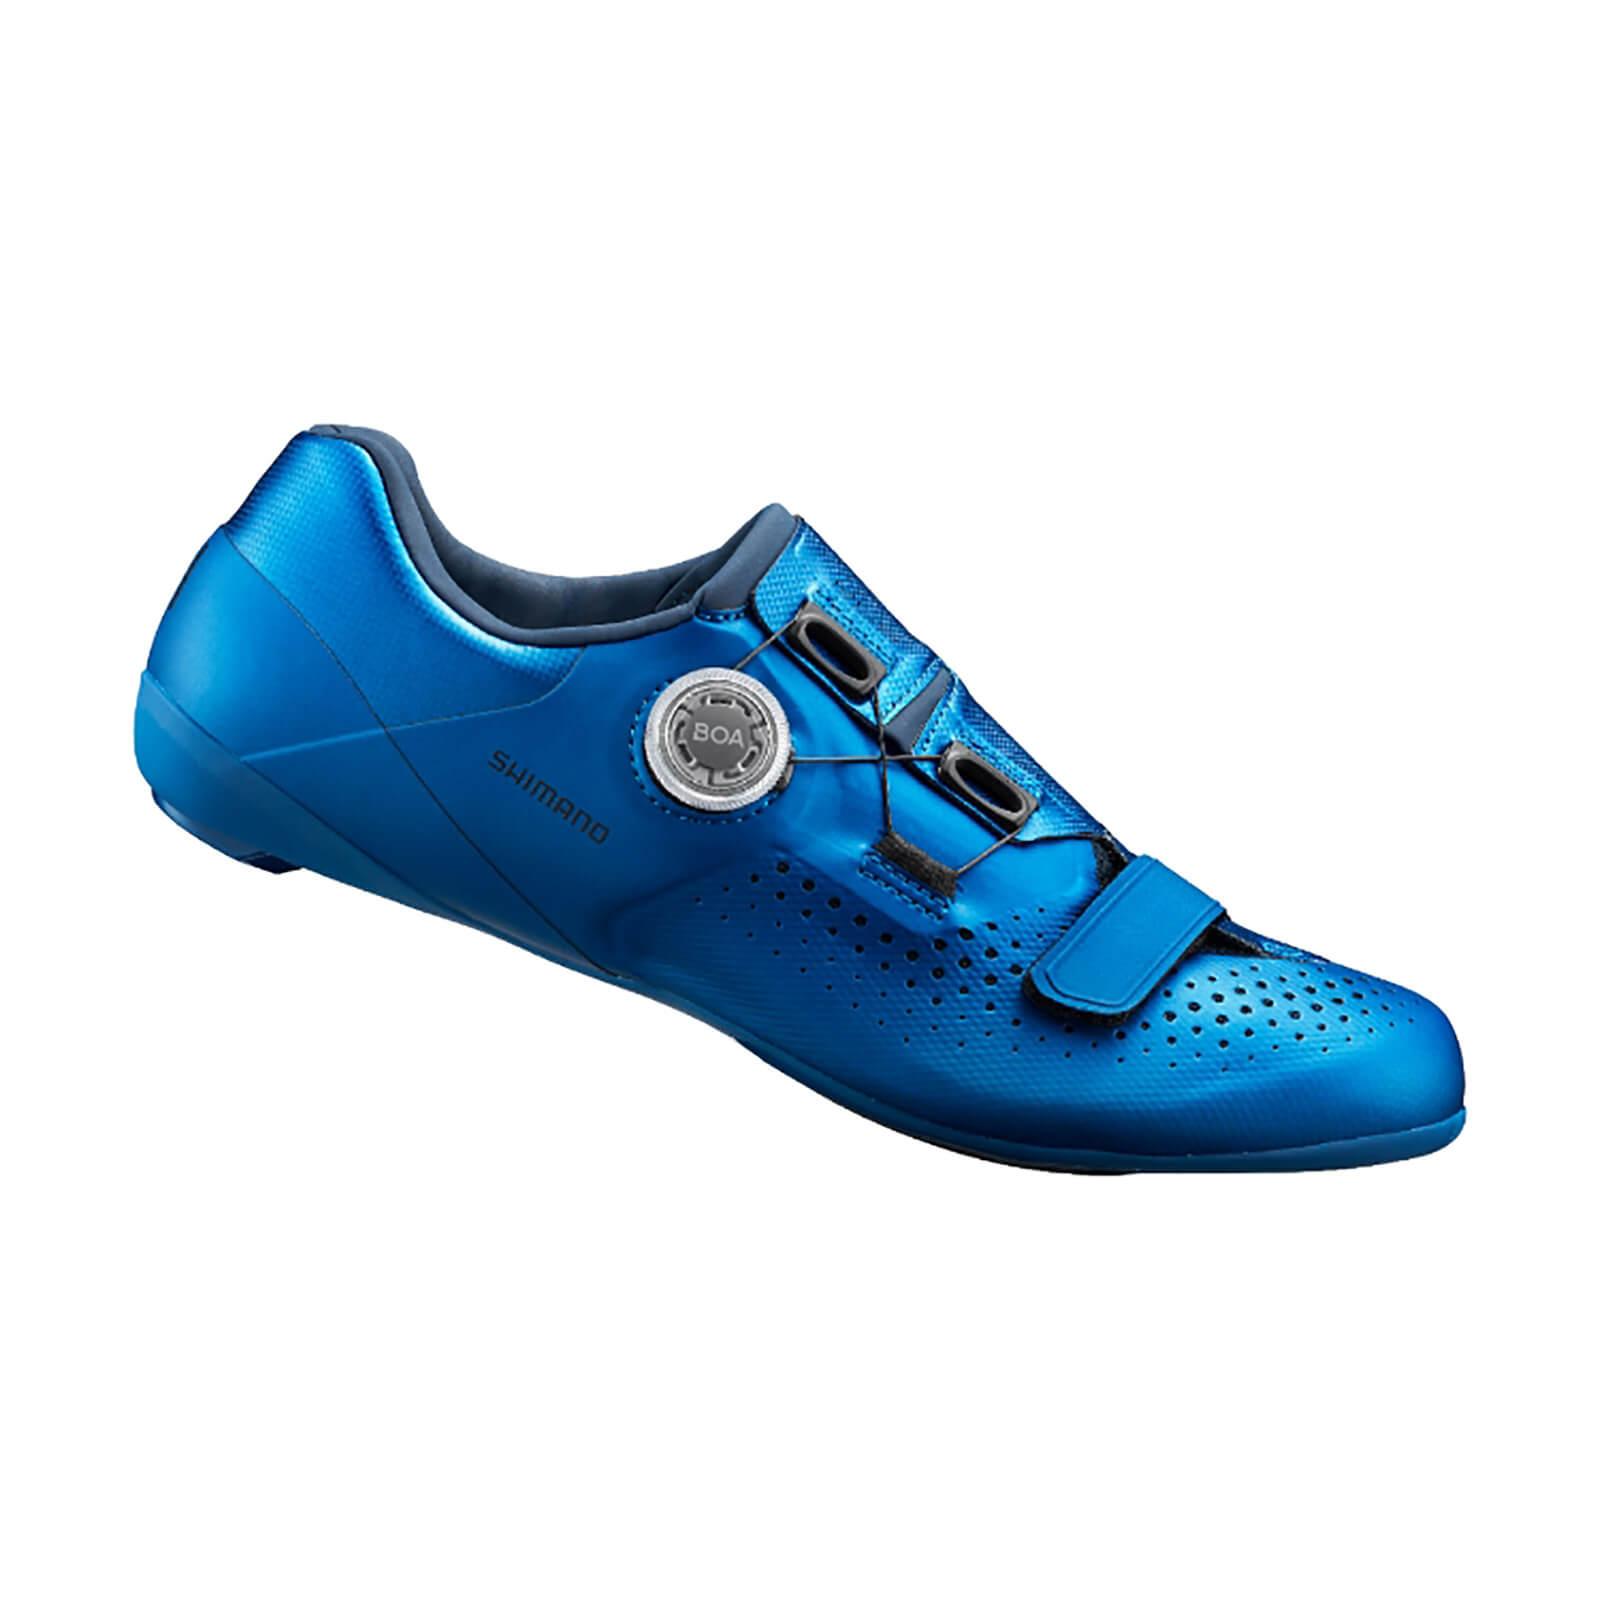 Shimano SH-RC500 Road Shoes - EU 45